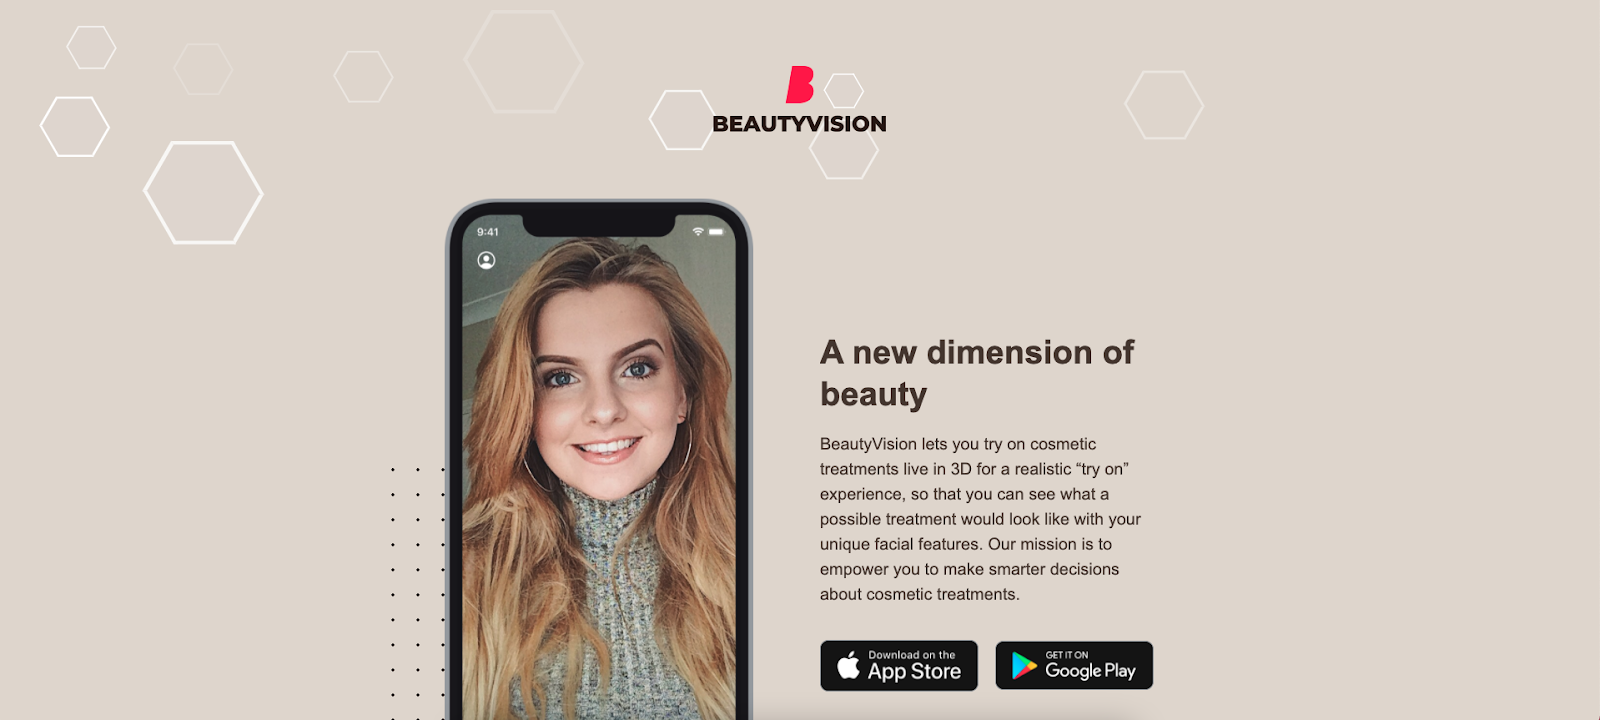 BeautyVision